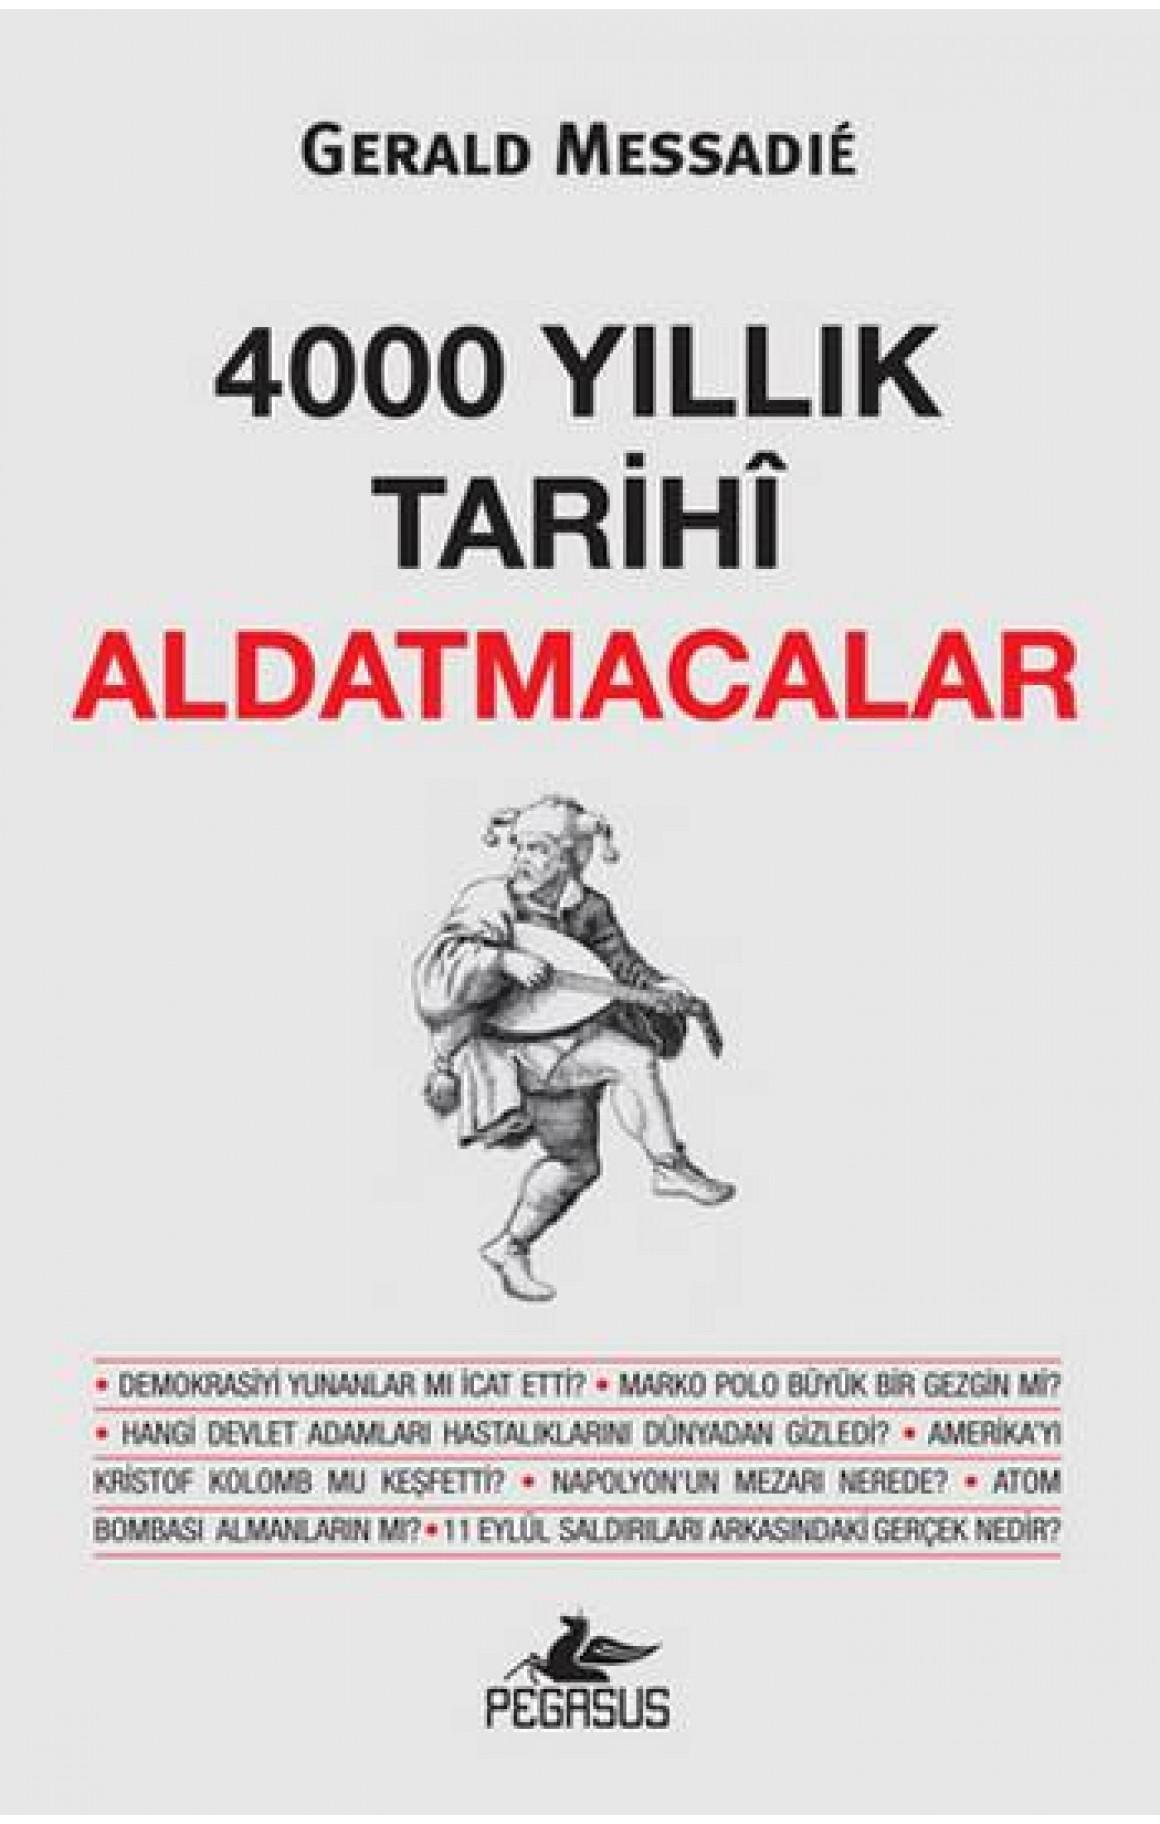 4000 Yıllık Tarihi Aldatmacalar